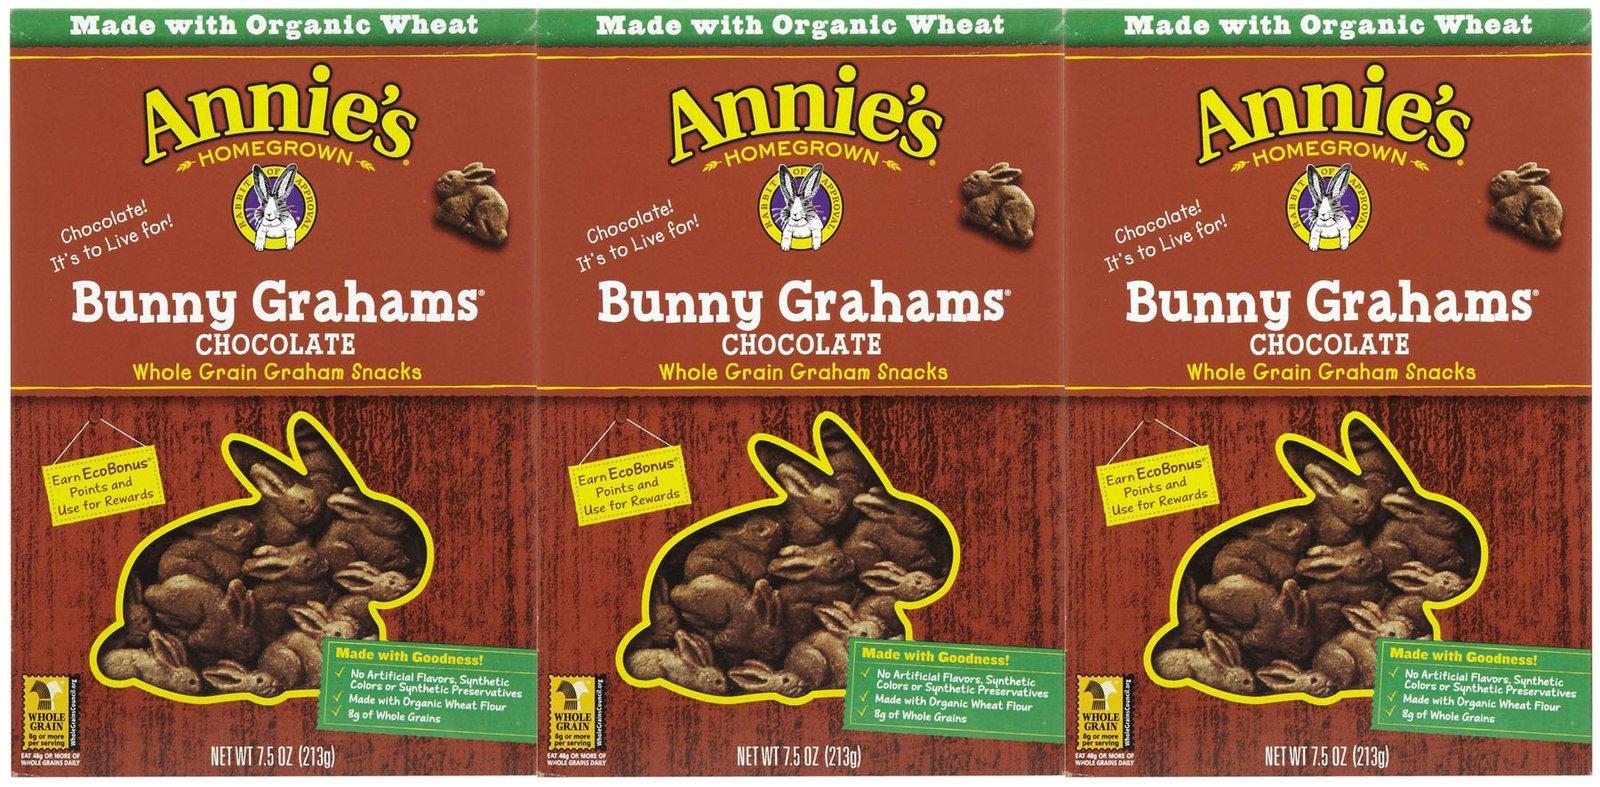 Annie's Homegrown Bunny Grahams - Chocolate - 7.5 oz - 3 pk